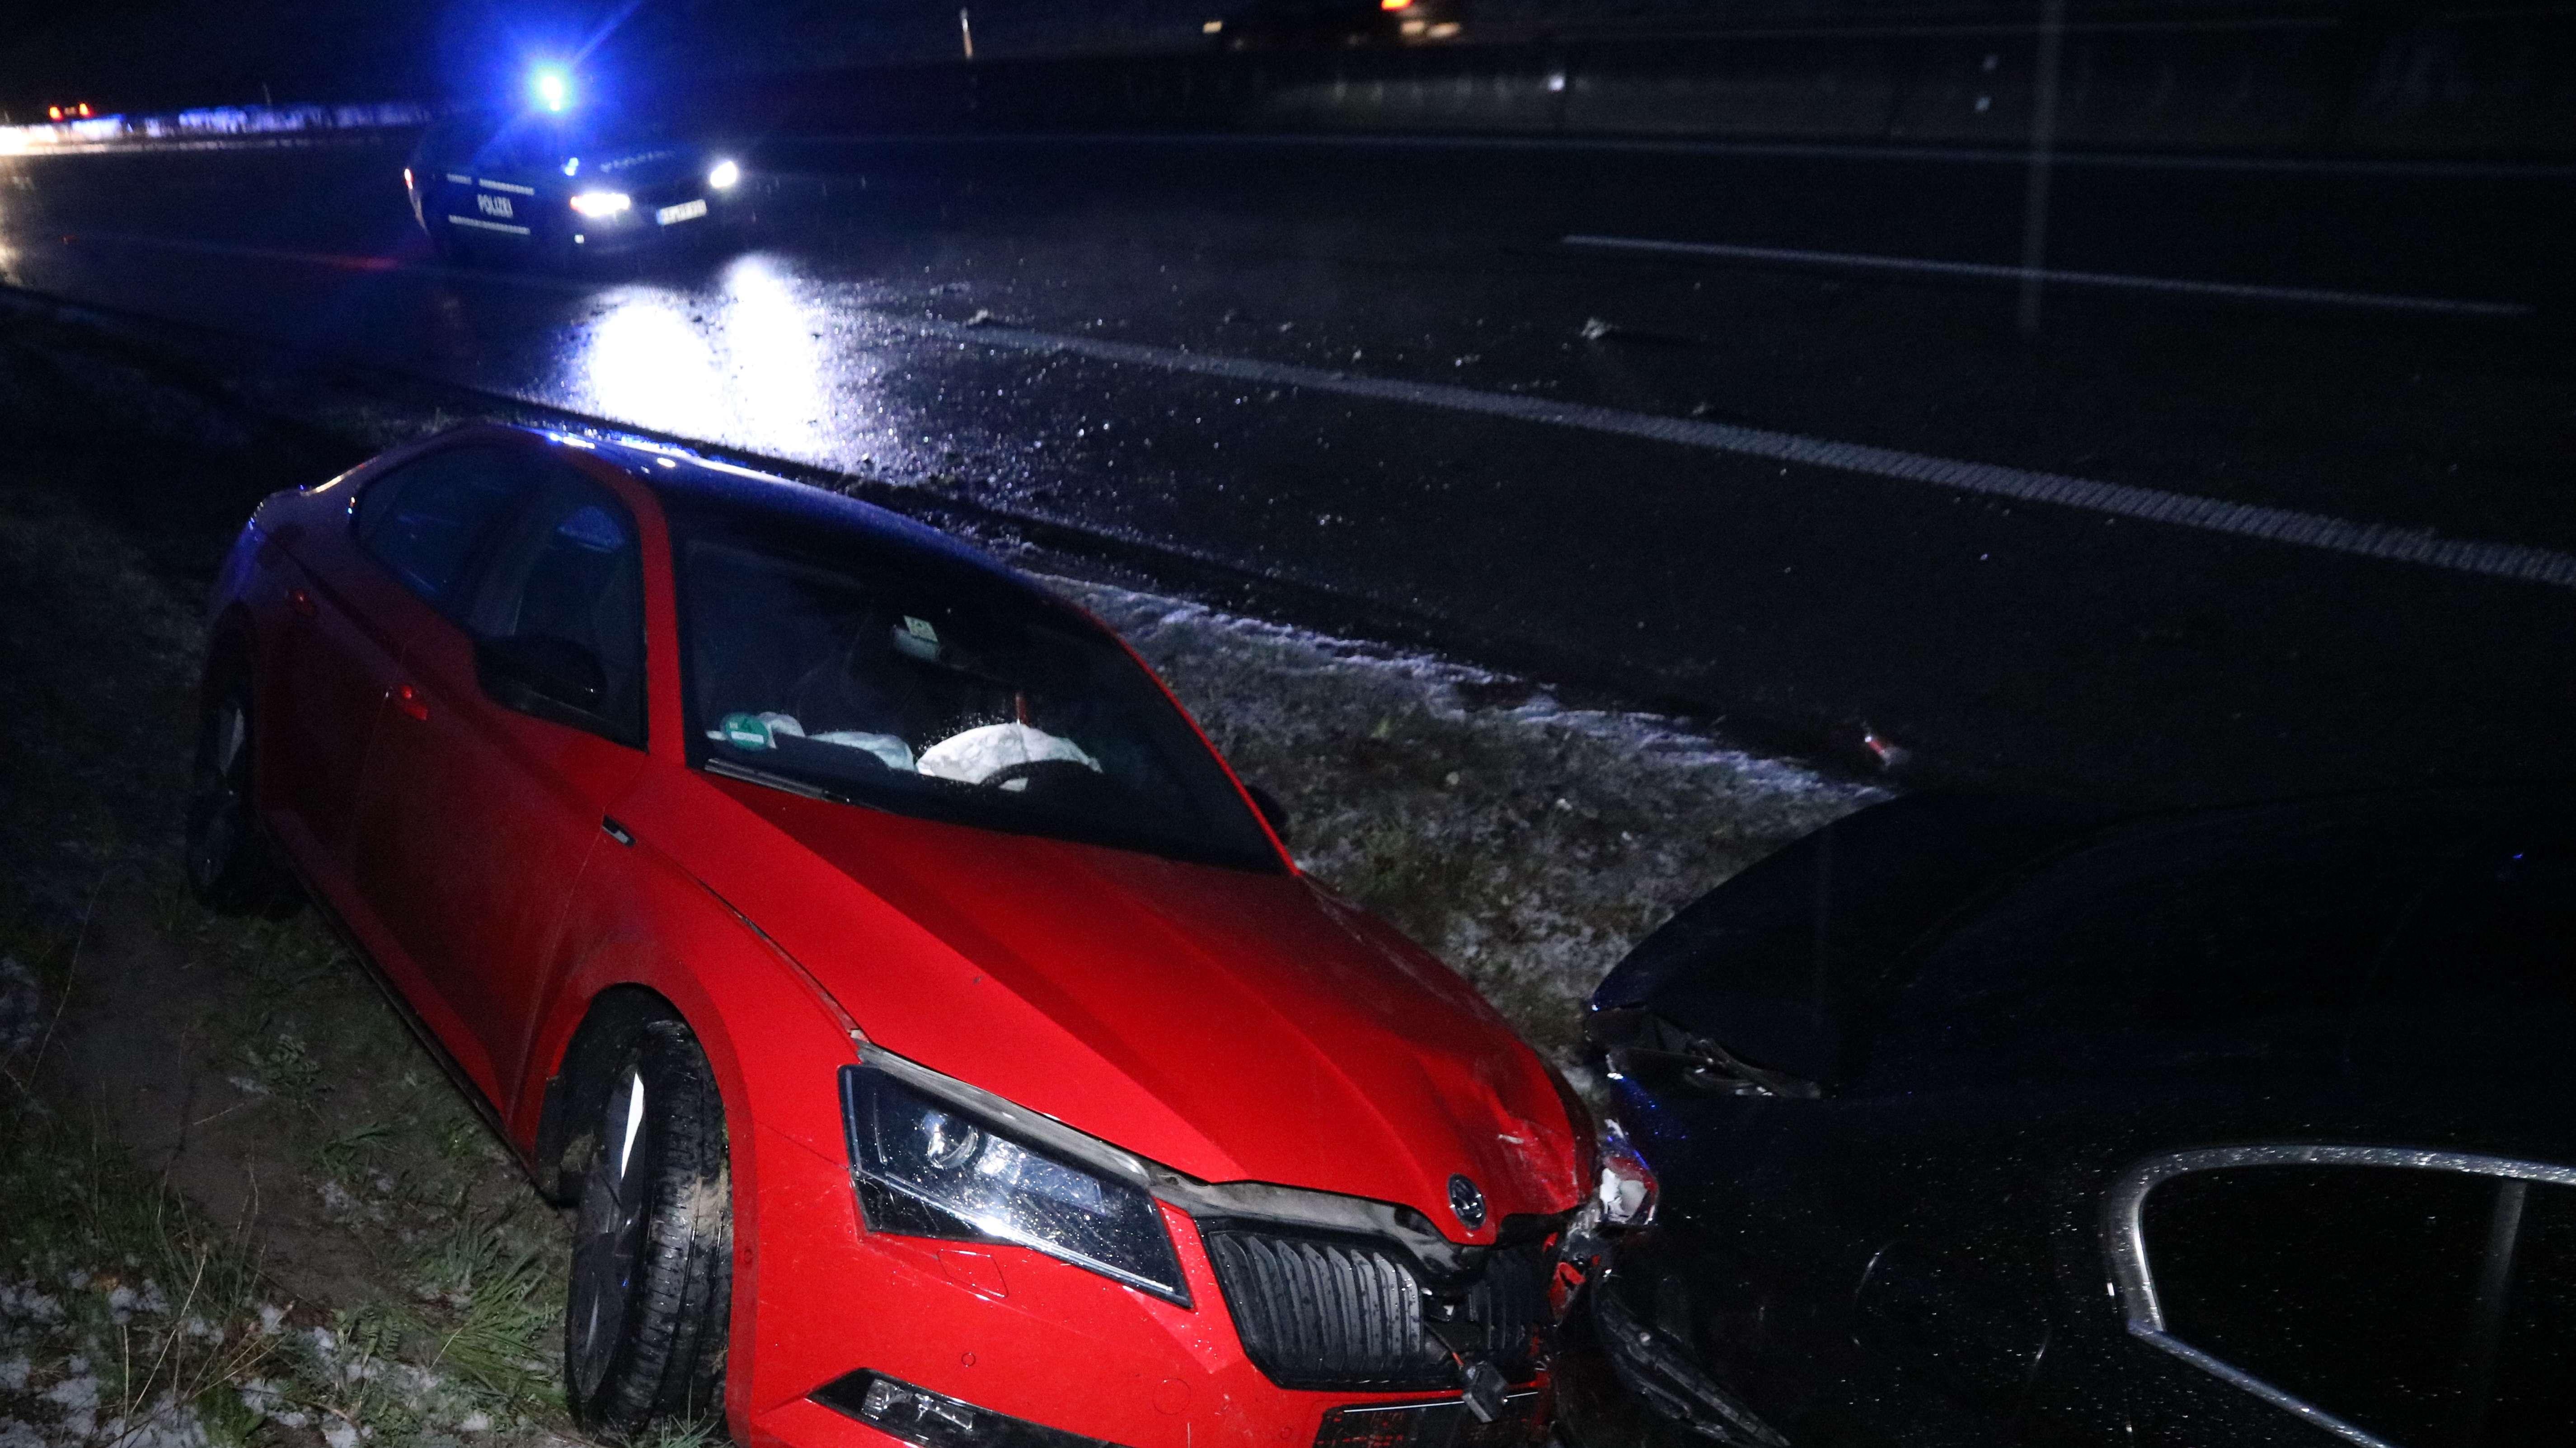 Zwei Unfallfahrzeuge am Autobahnrand und ein Polizeifahrzeug auf der rechten Spur der A7